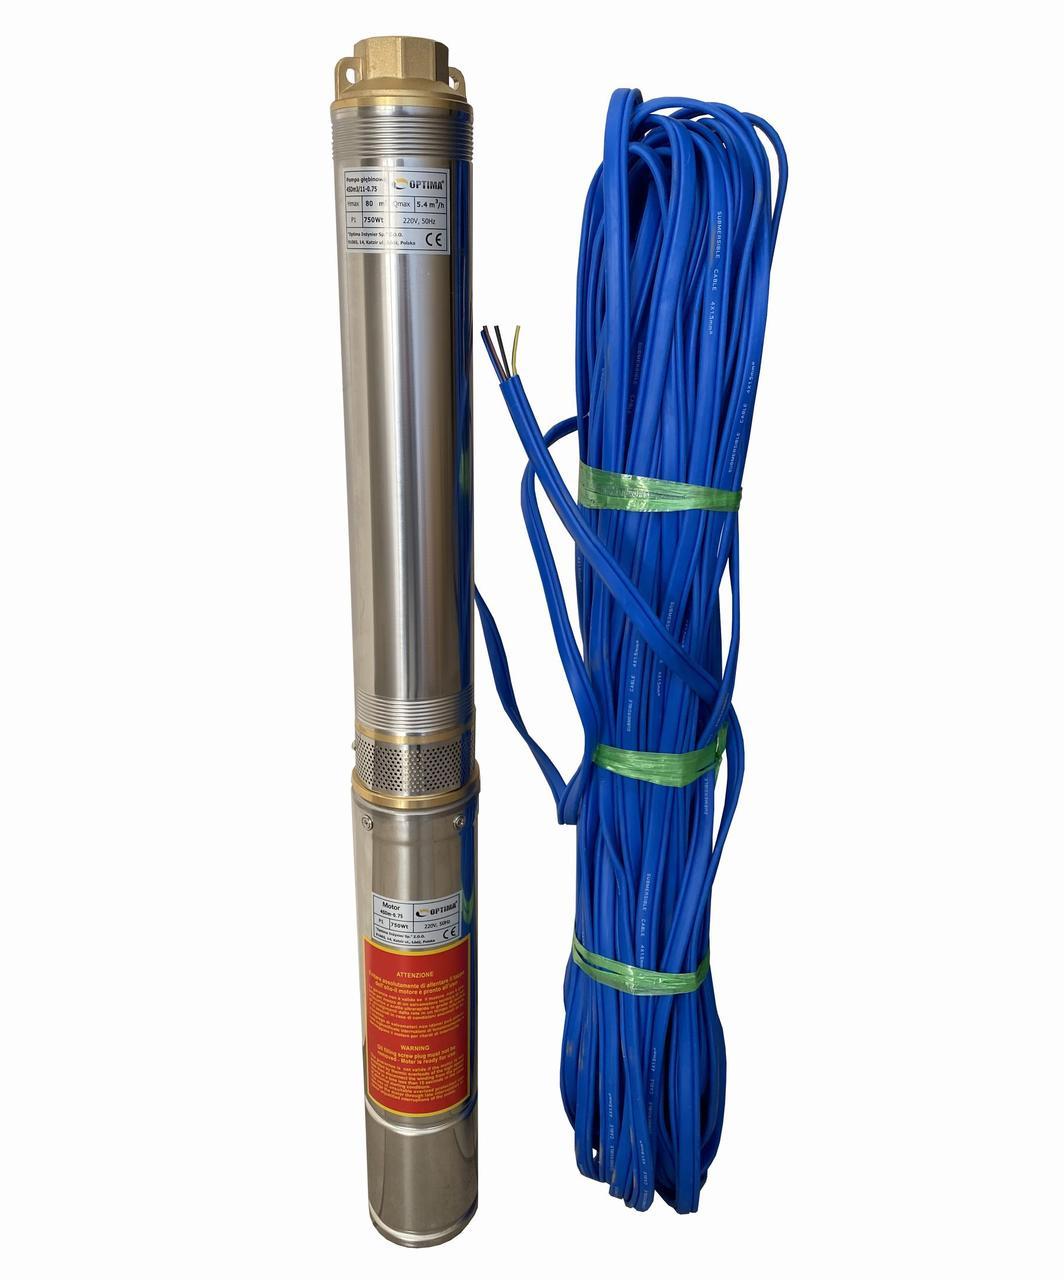 Насос скважинный центробежный Optima 4SDm3/11 0,75 кВт 80 м + кабель 50 м и пульт